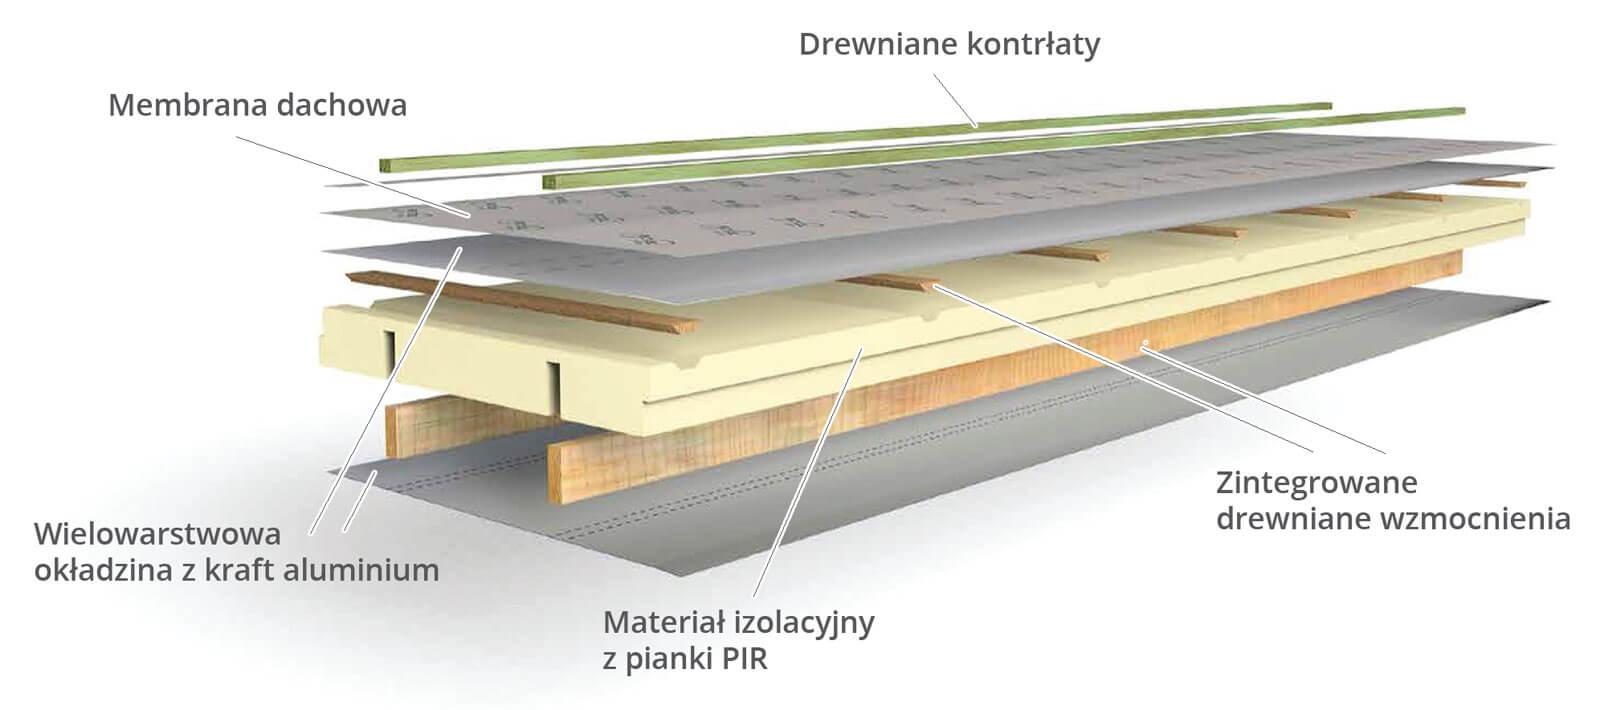 L-Ments firmy Recticel - samonośny izolacyjny panel dachowy